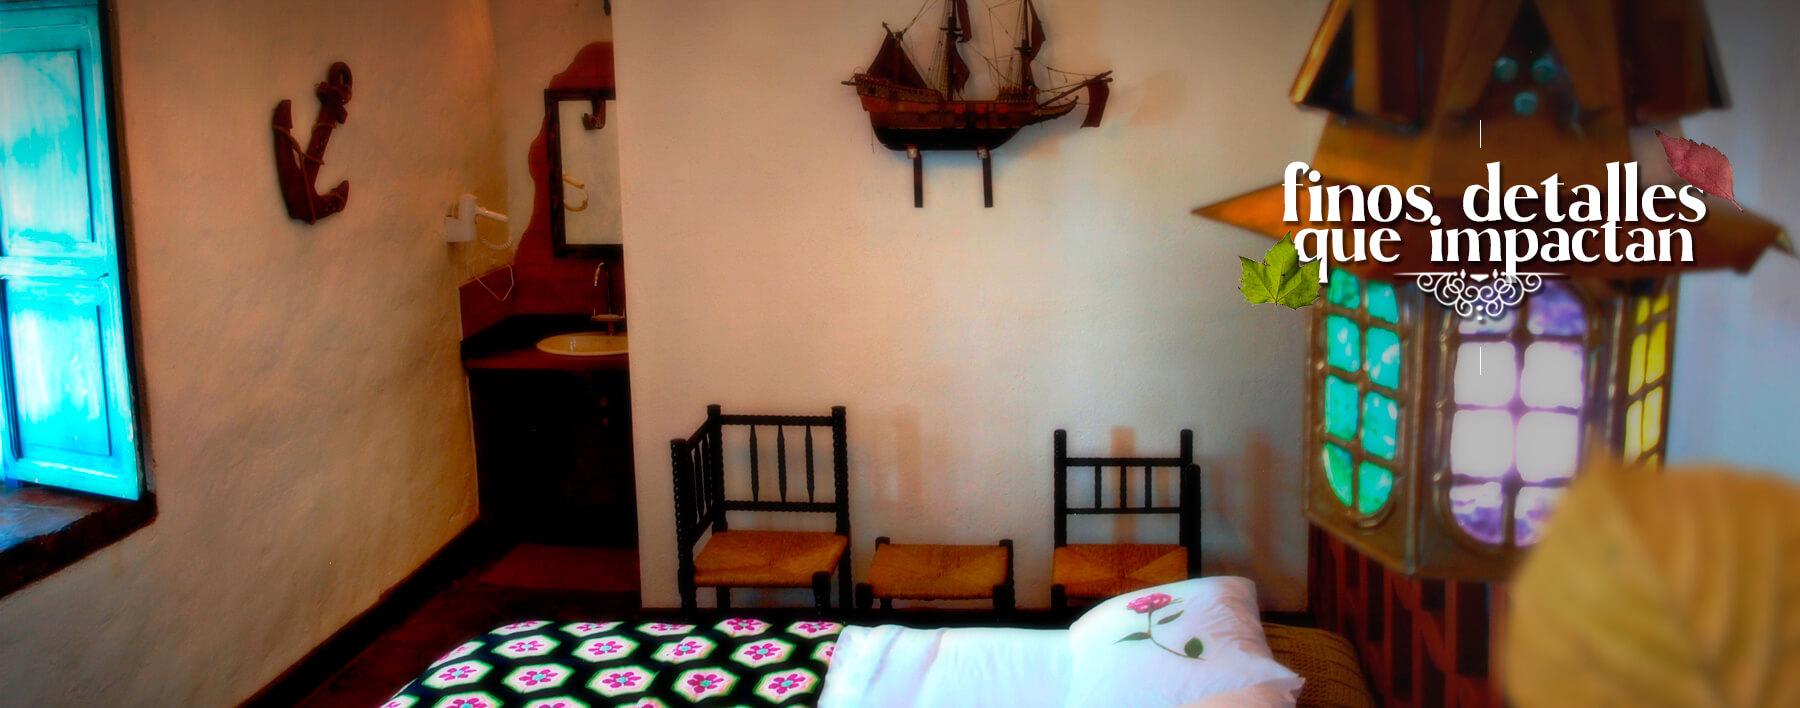 hotel-boutique-casa-de-hacienda-su-merced-habitacion-velero-banner